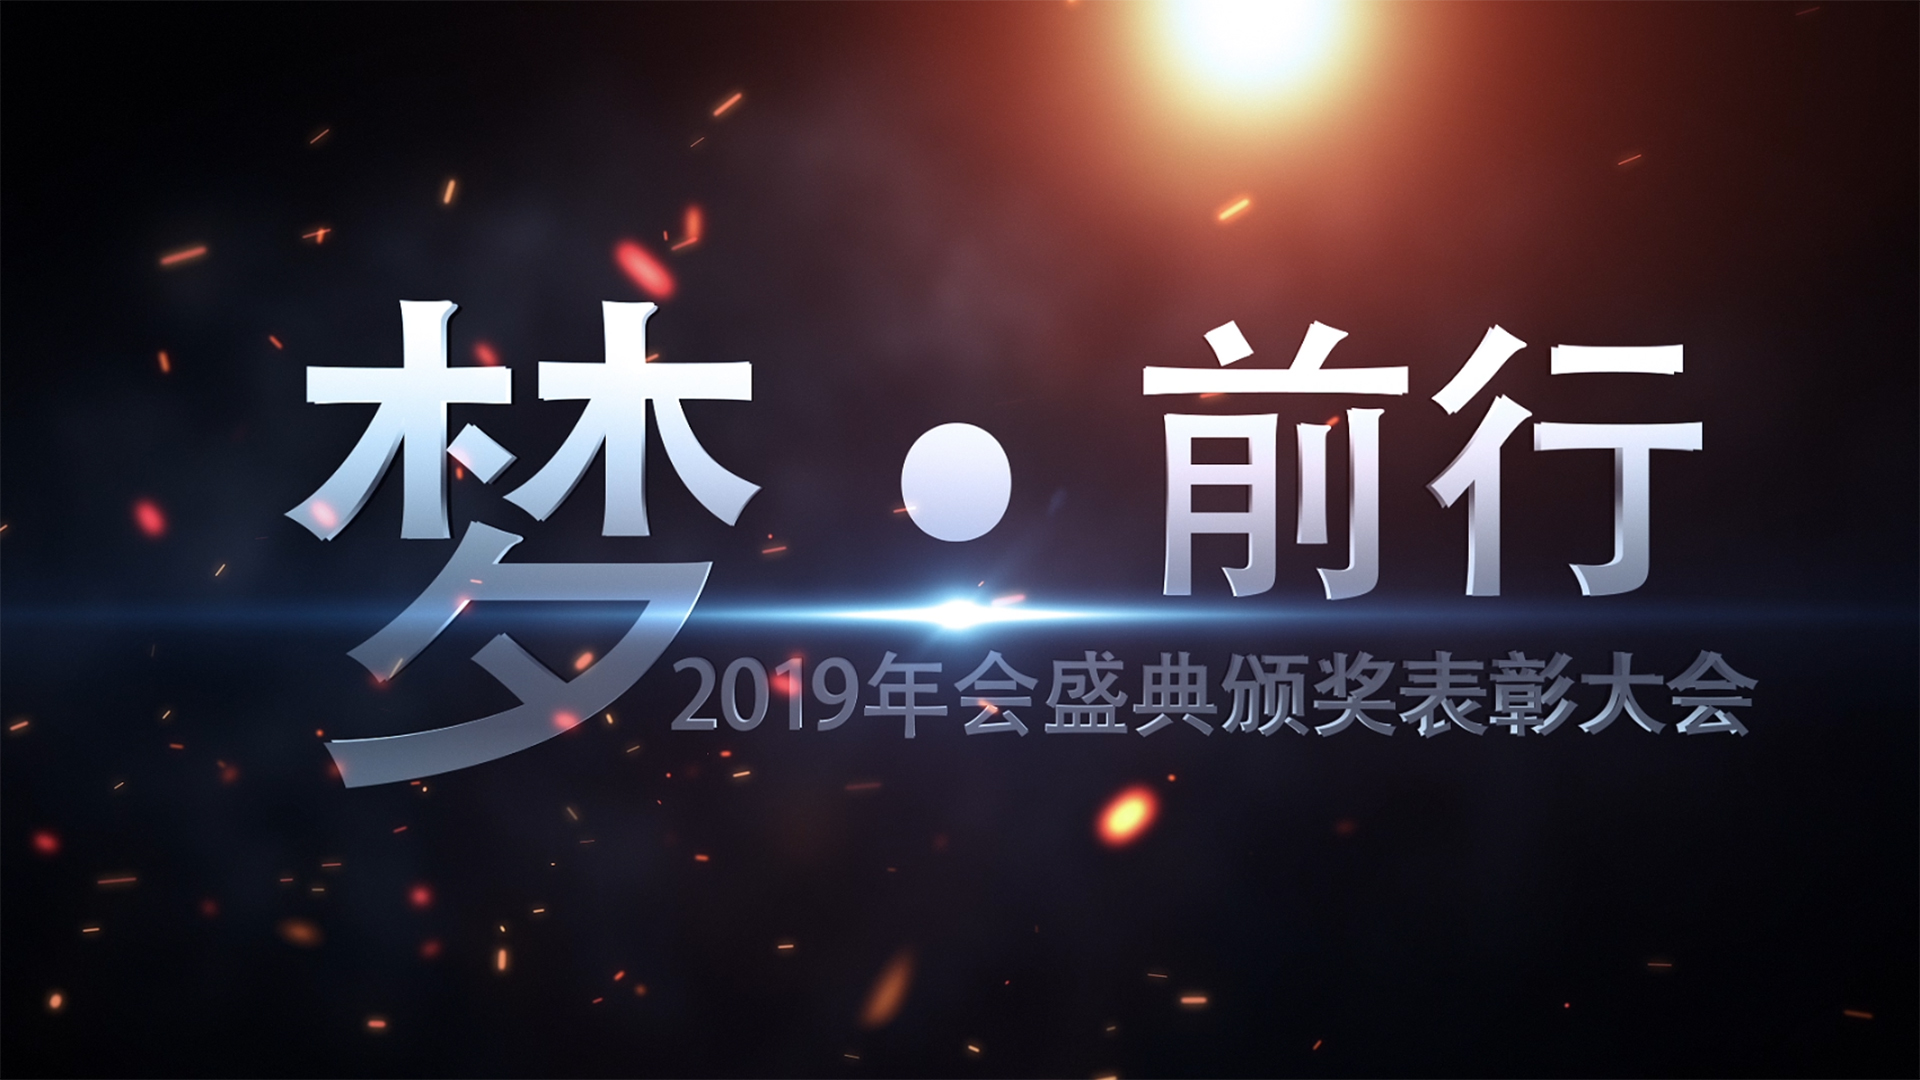 2019震撼企业梦前行AE模板